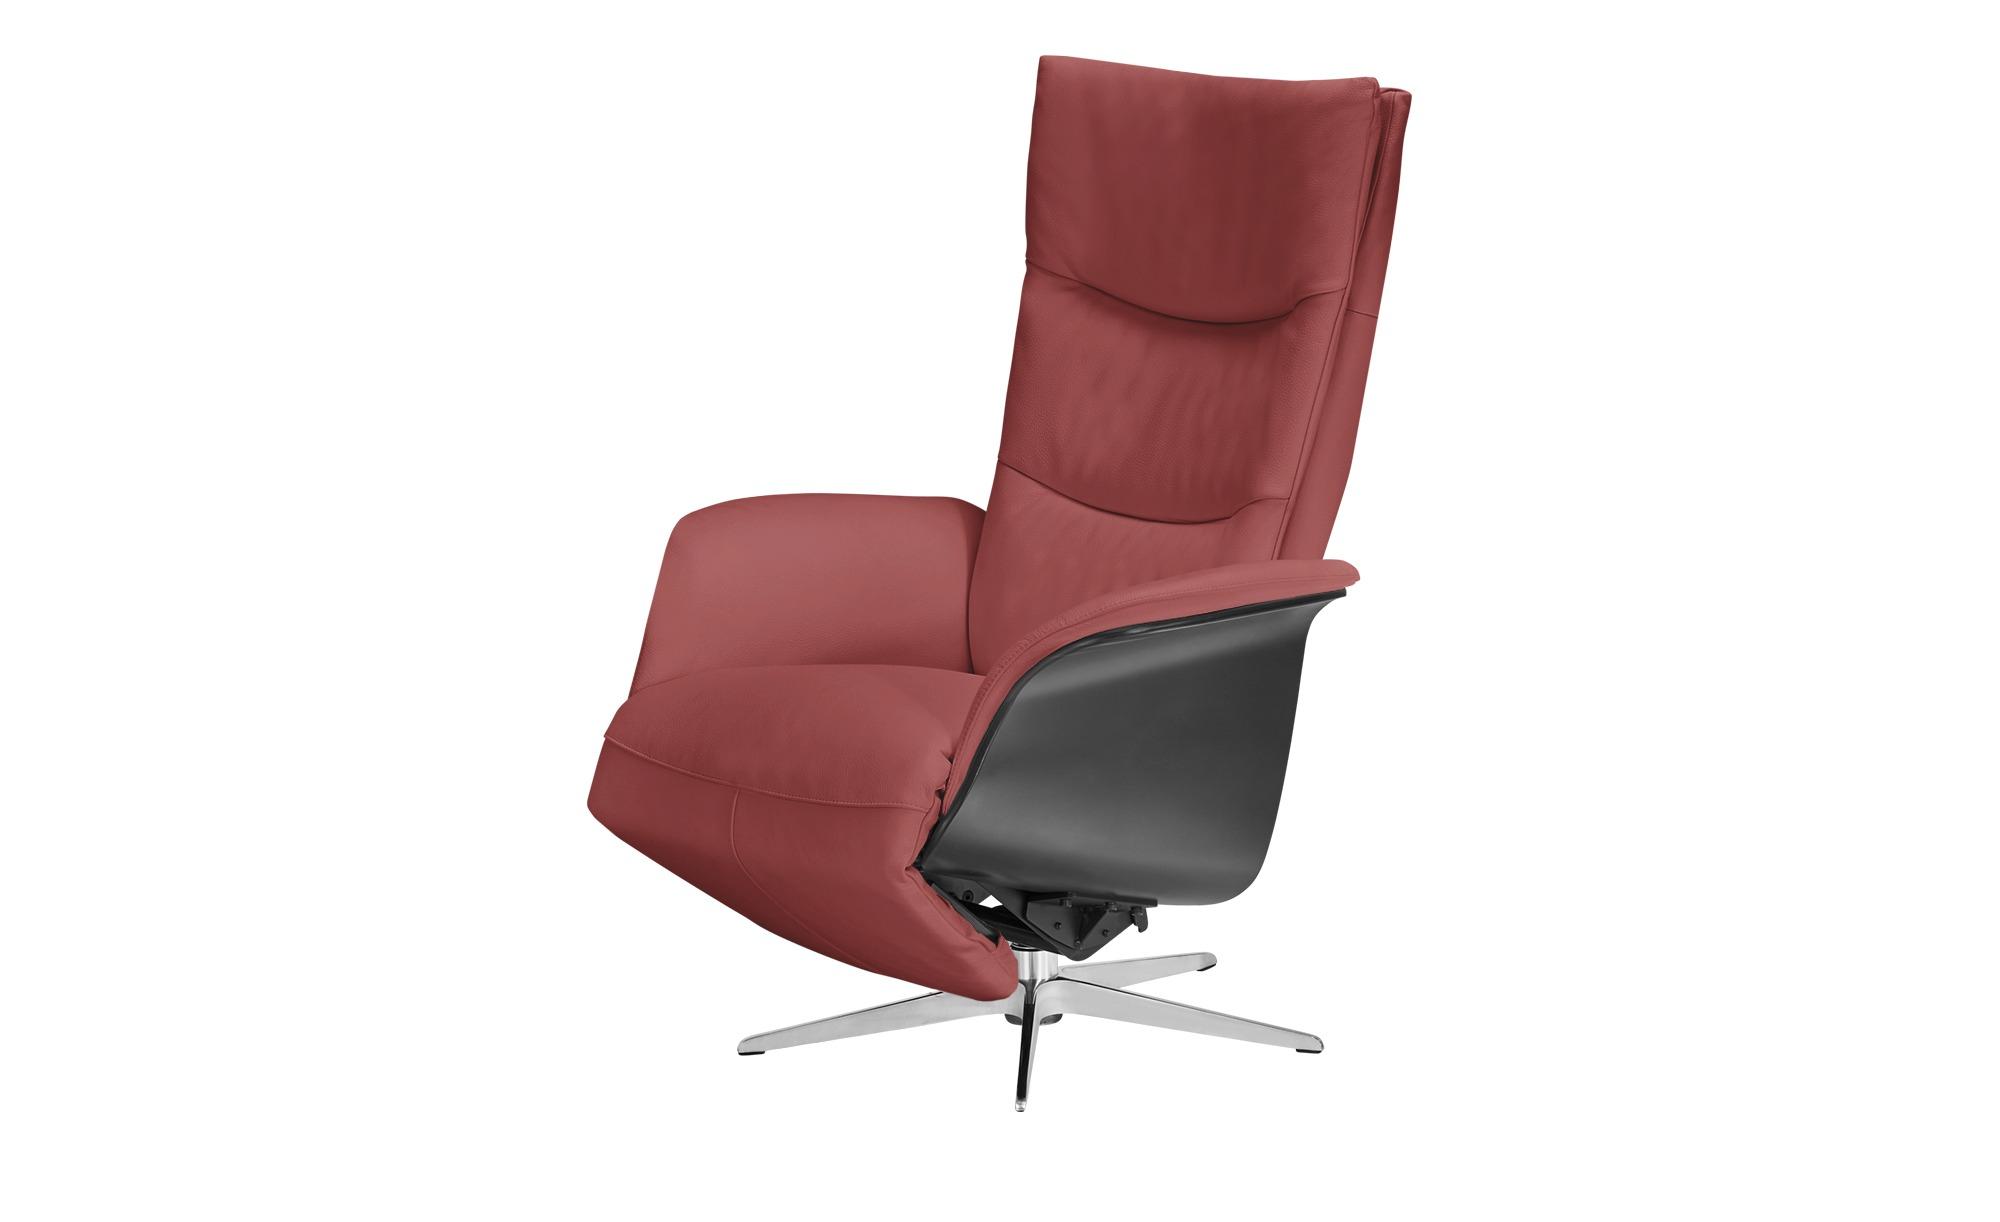 Nils Olsen Relaxsessel rot - Leder Mika ¦ rot ¦ Maße (cm): B: 77 H: 109 T: 82 Polstermöbel > Sessel > Fernsehsessel - Höffner